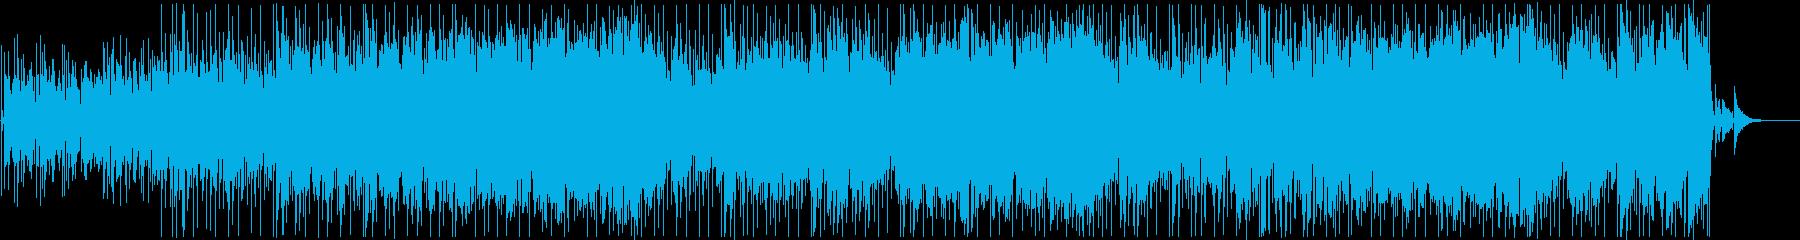 明るいポップ曲、うきうきわくわく未来の再生済みの波形